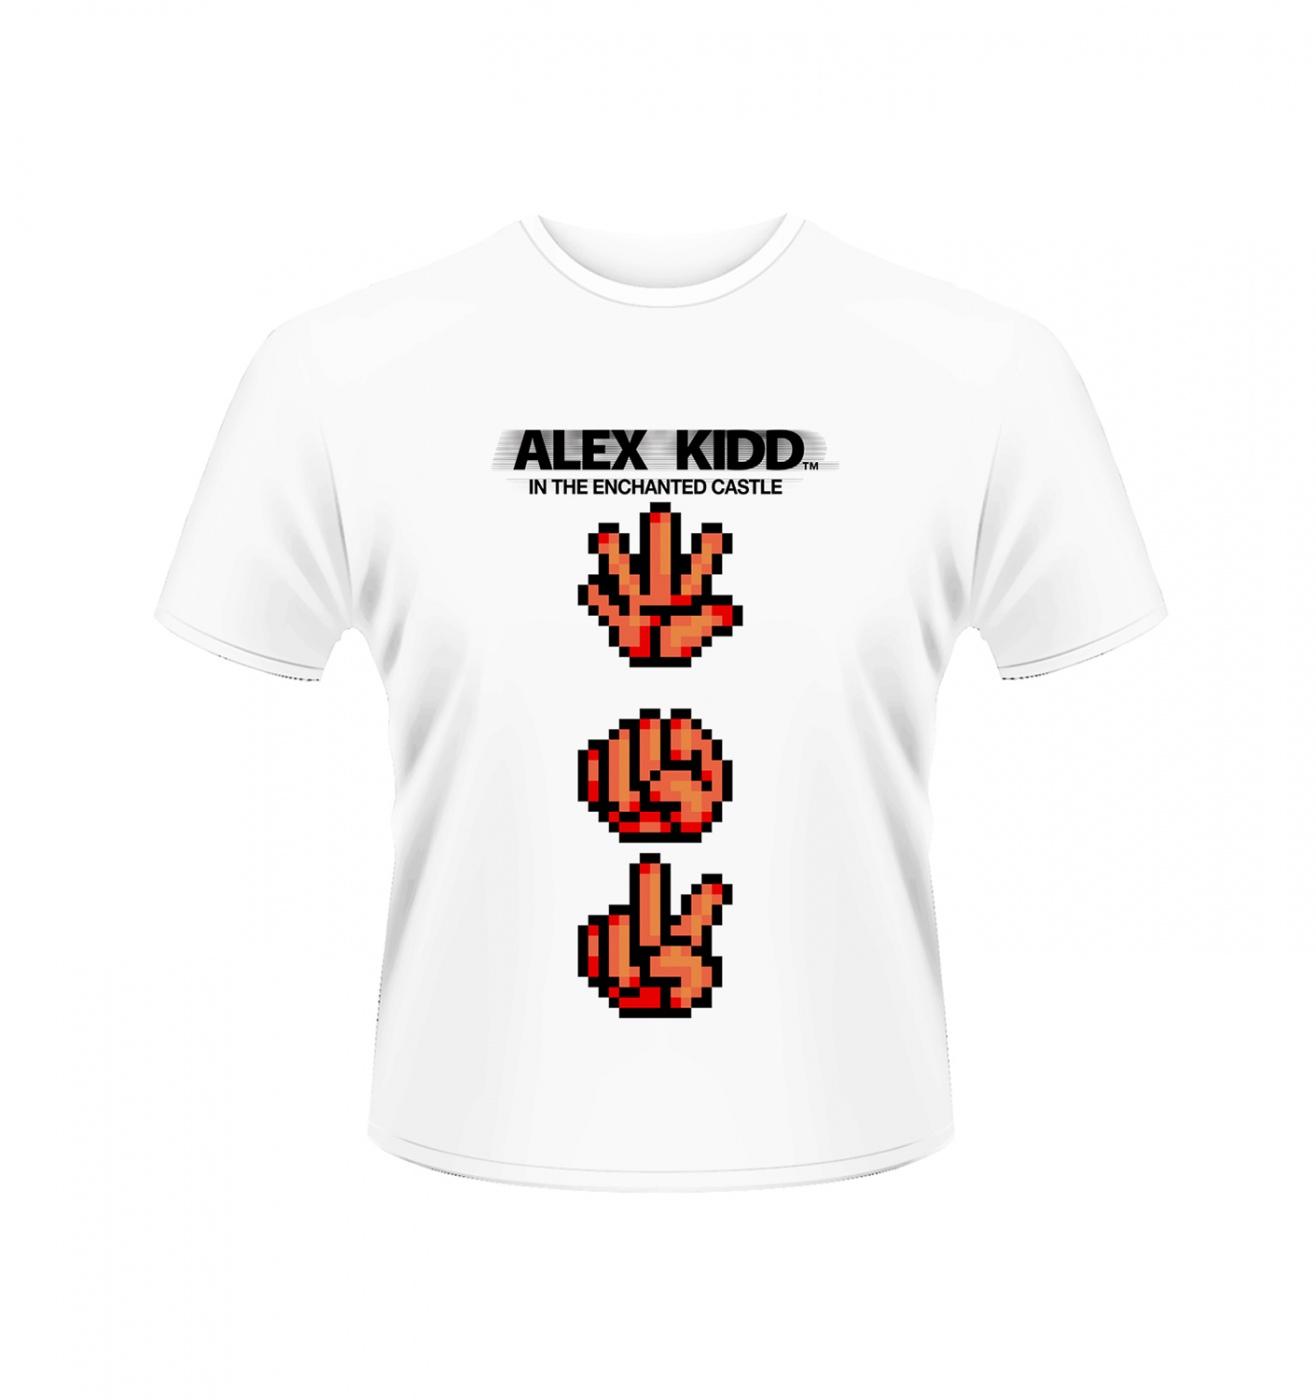 SEGA Alex Kidd Rock Paper Scissors men's t-shirt - Official